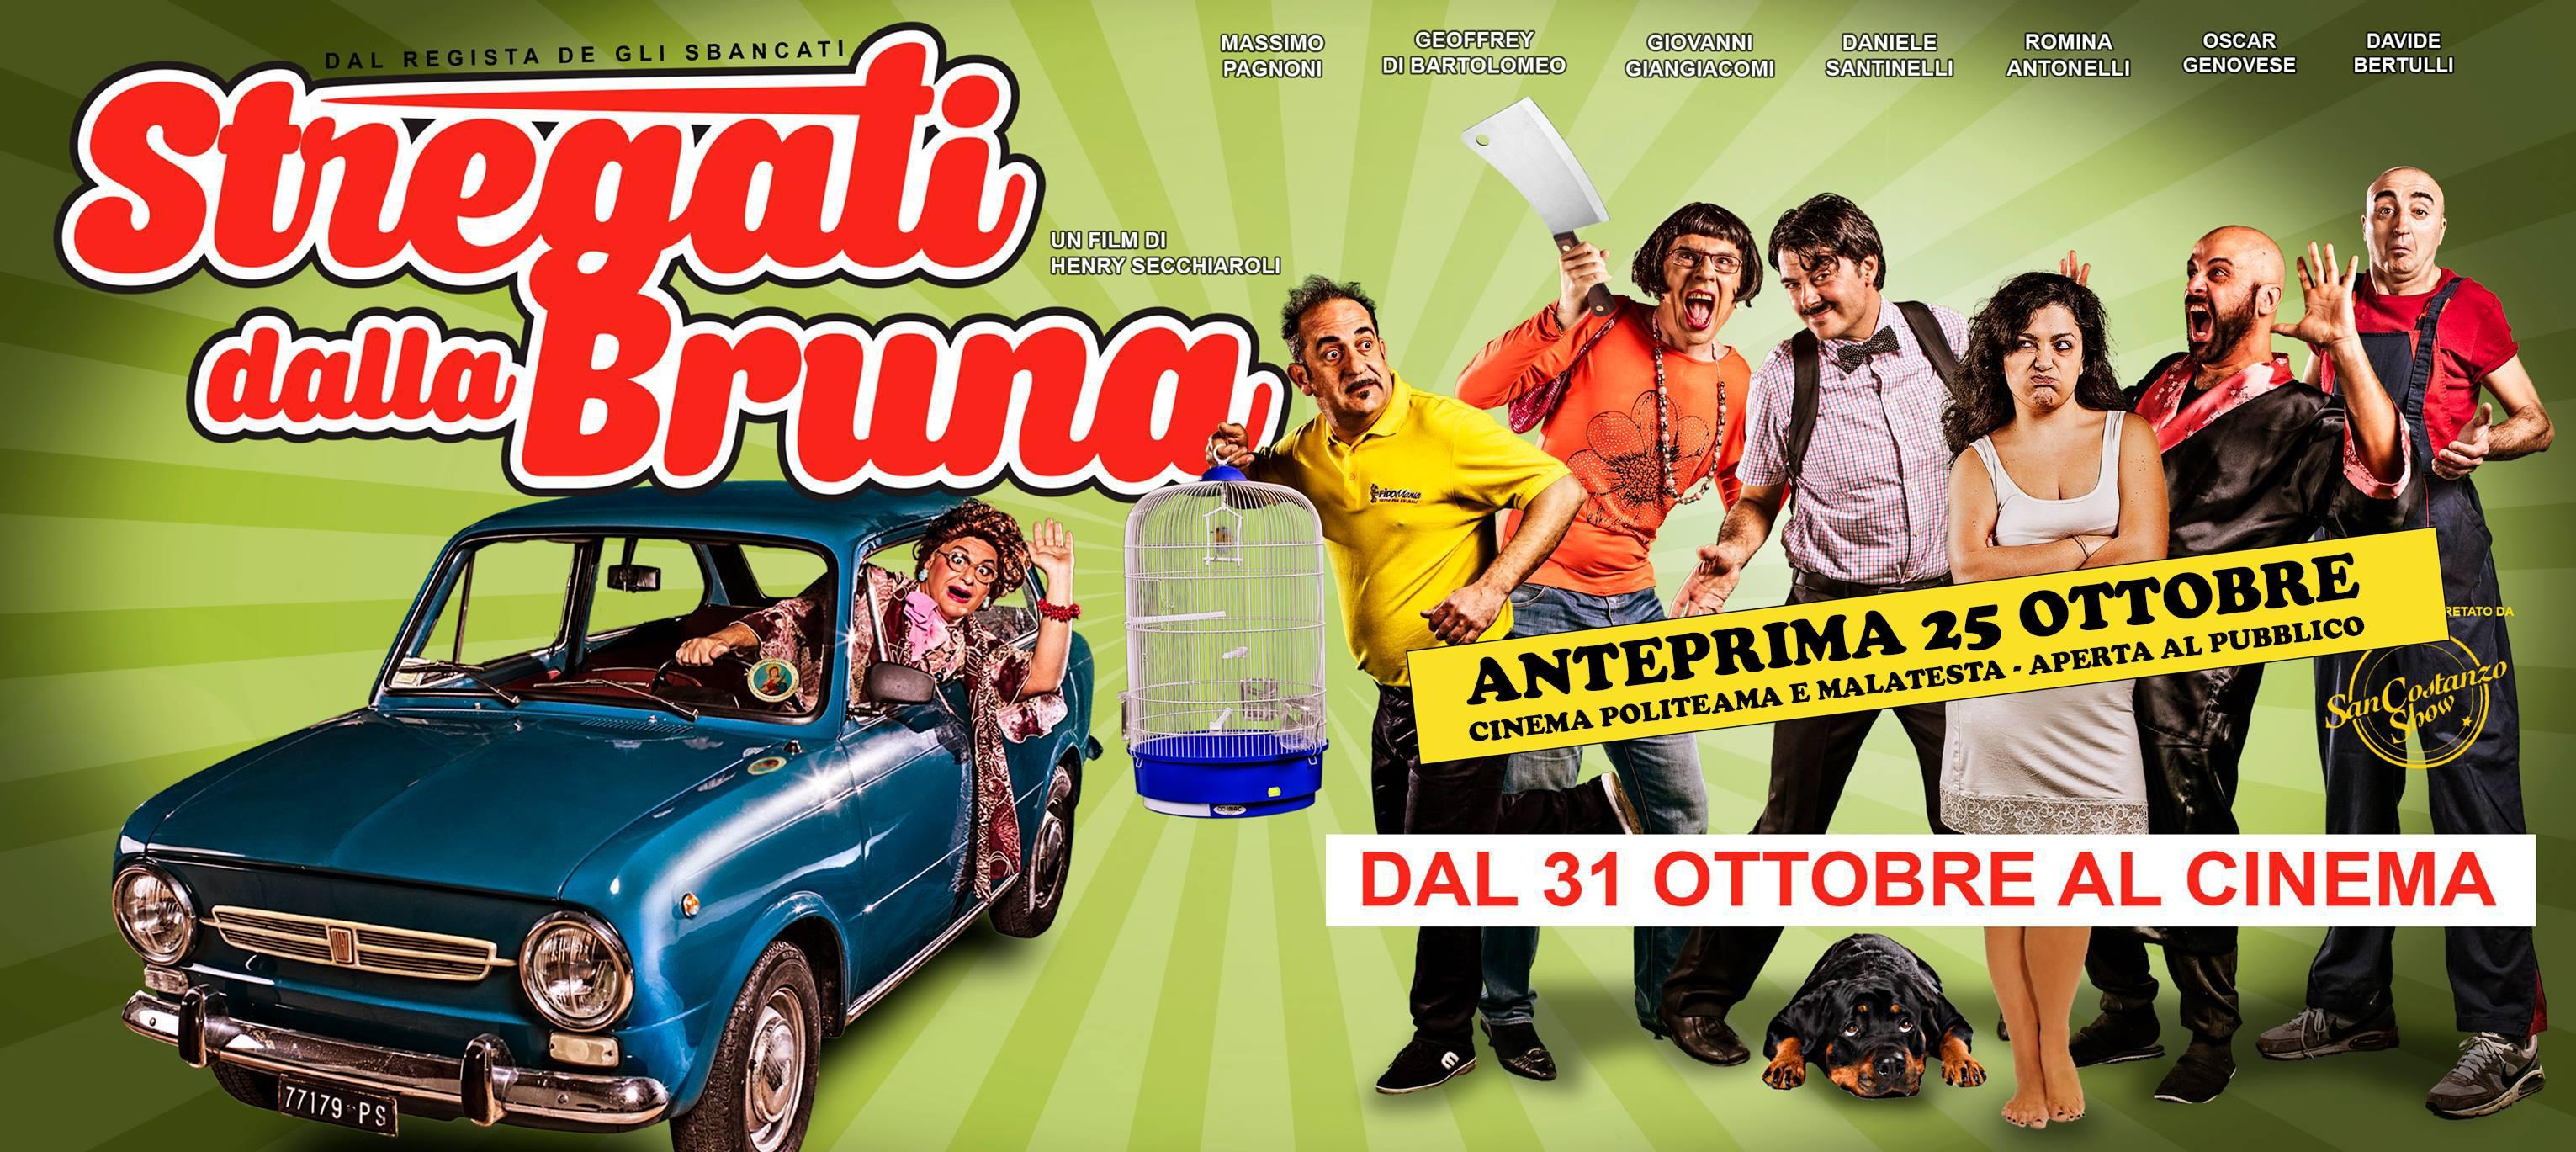 Stregati dalla Bruna - Il film del San Costanzo Show